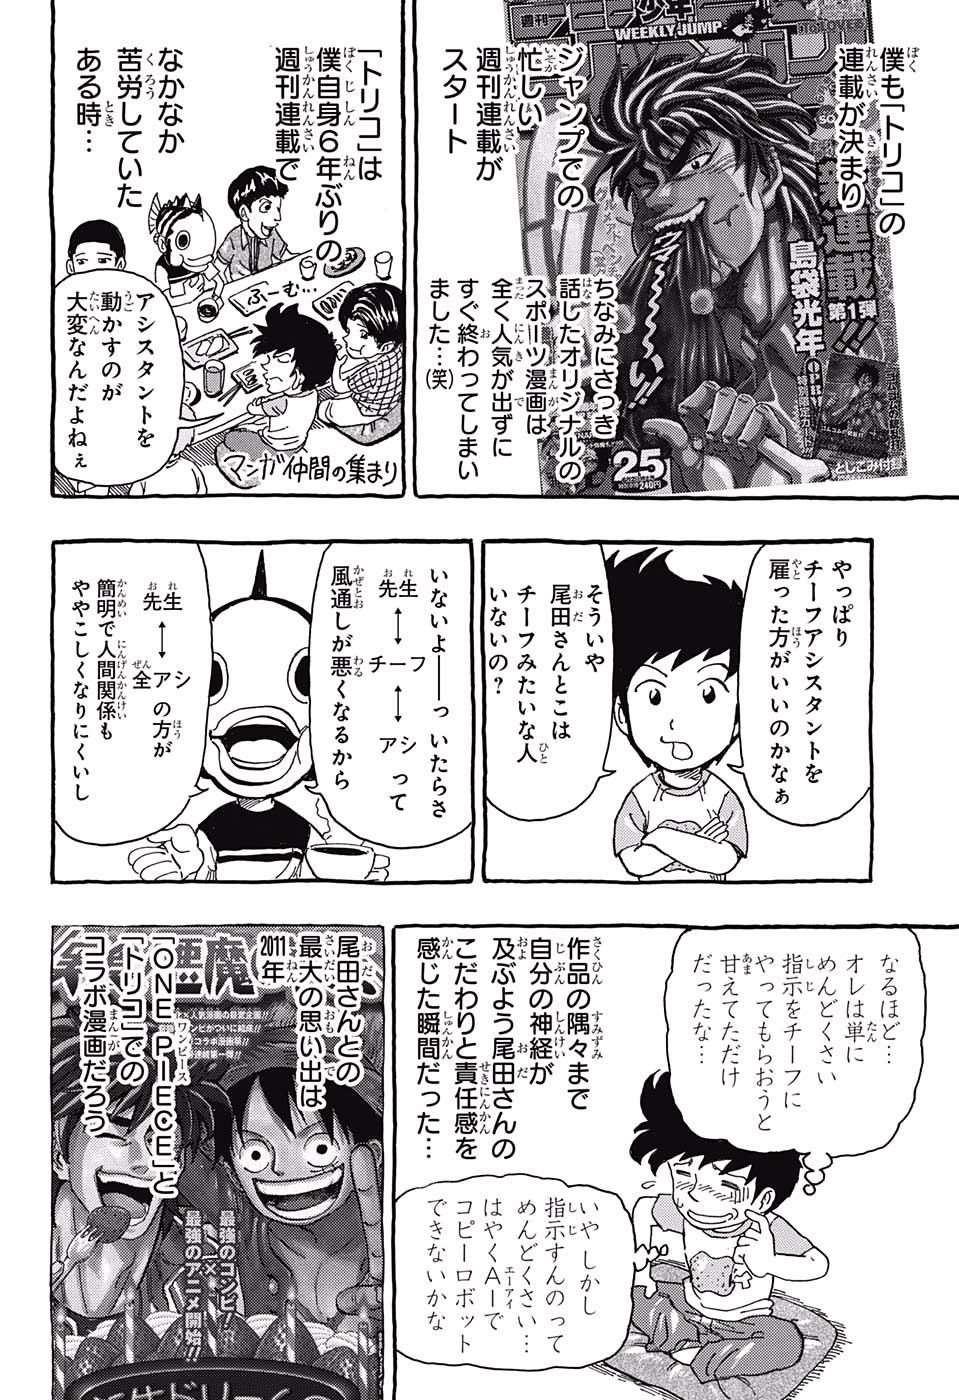 One Piece Manga 2017 7Di91jaH